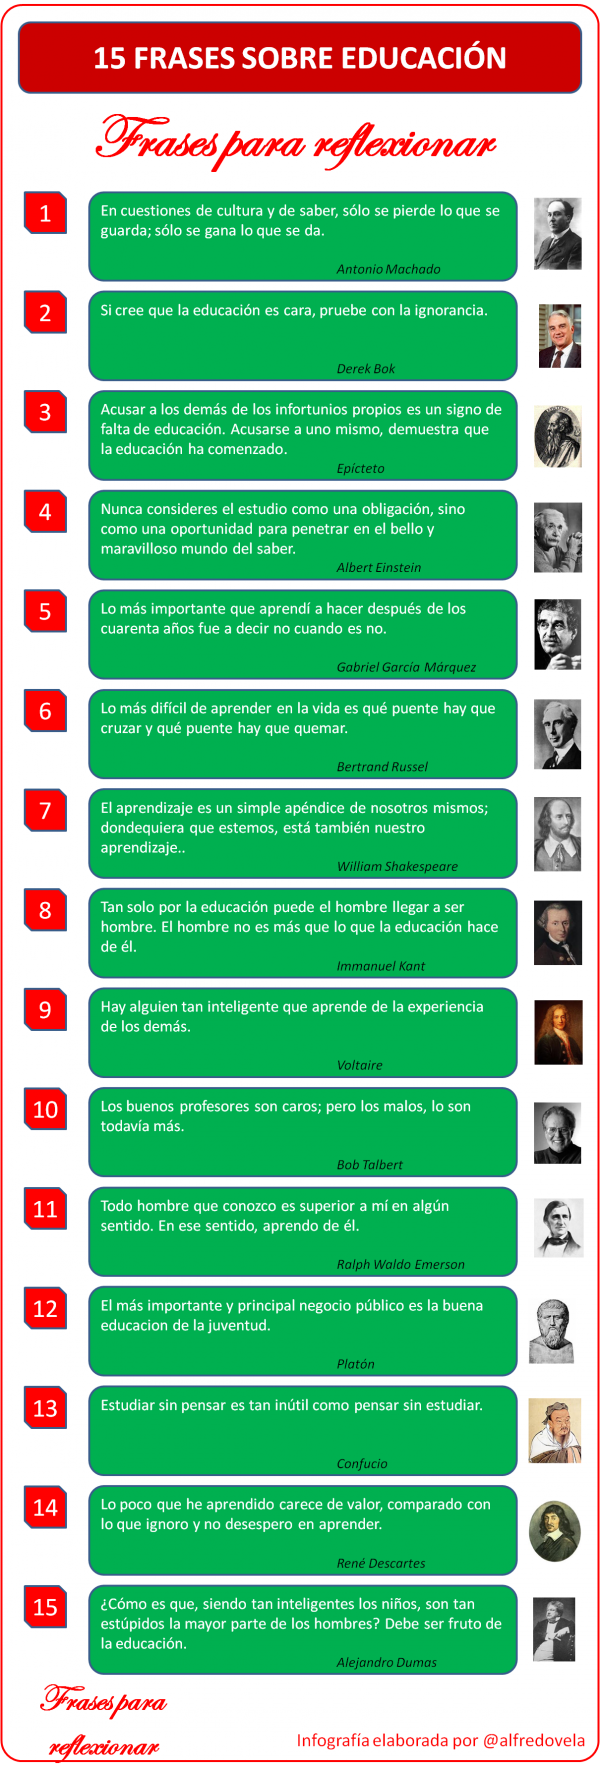 15 frases sobre educación